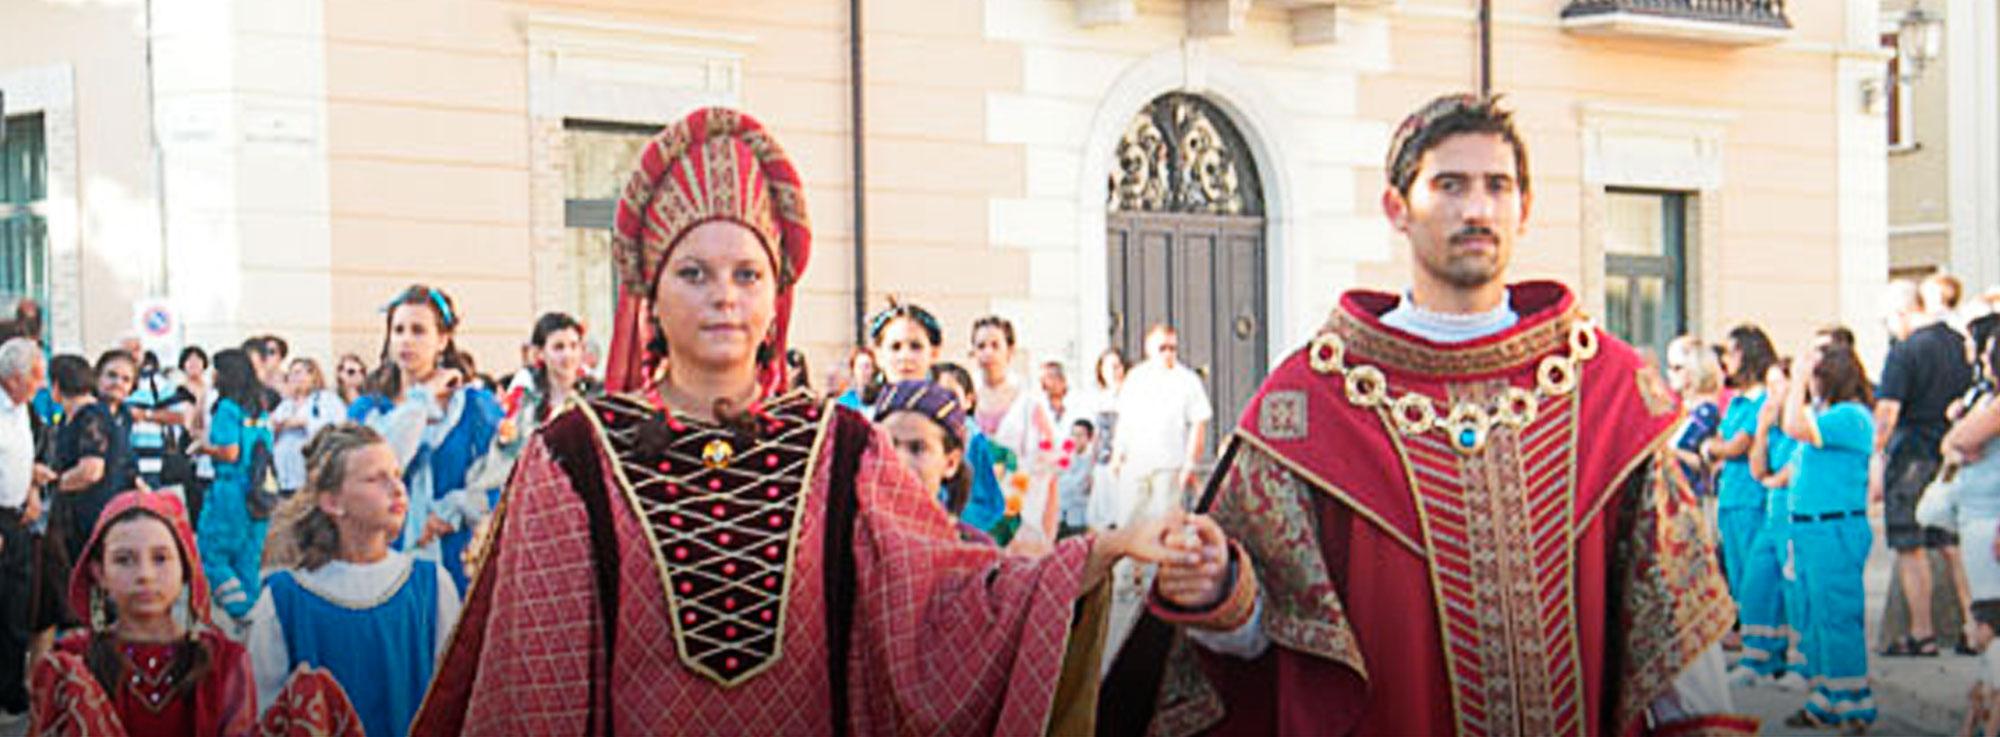 Torremaggiore: Corteo Storico di Fiorentino e Federico II